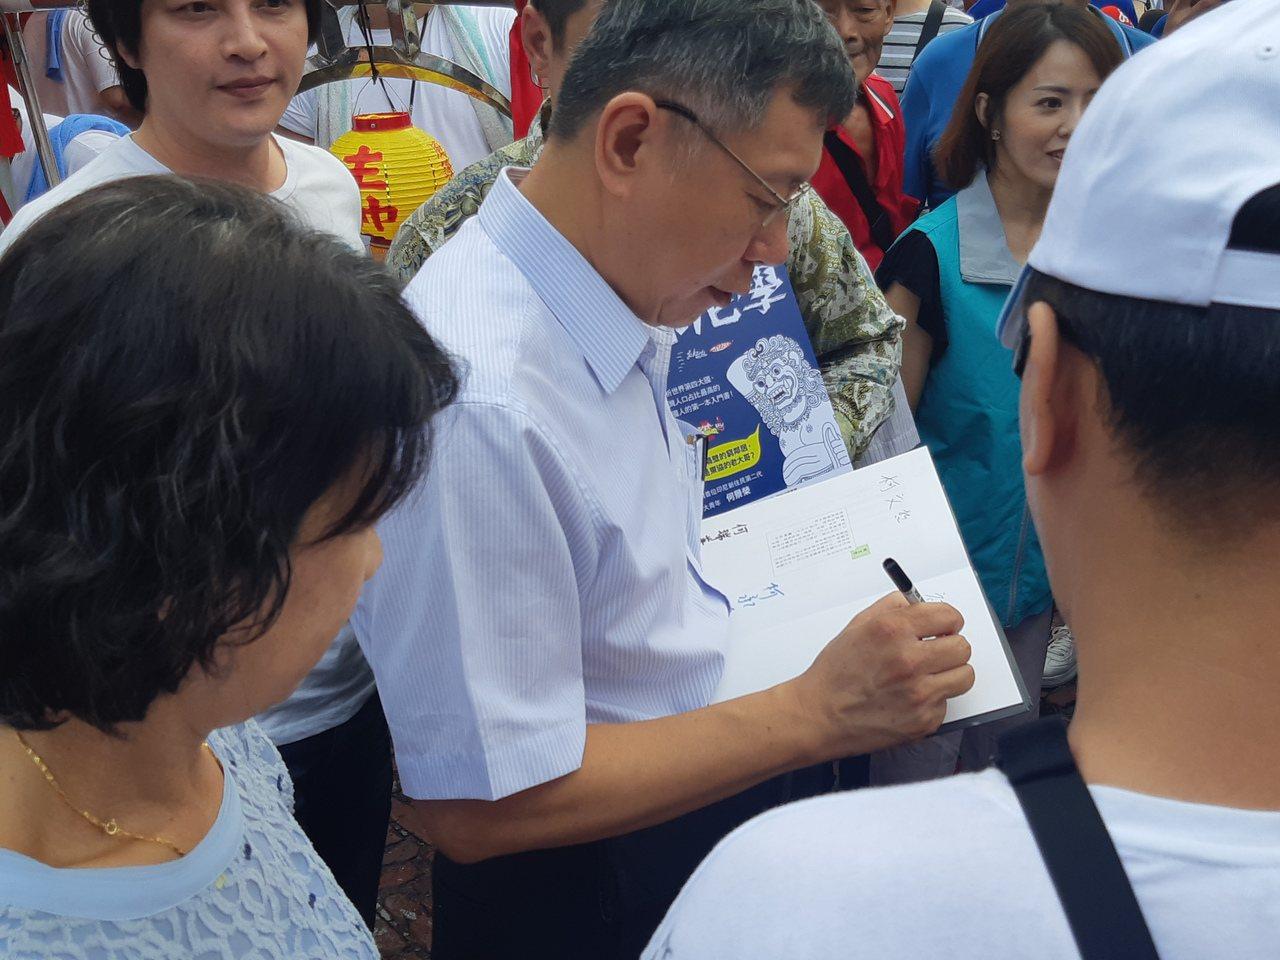 柯文哲南下高雄參拜三鳳宮,大批柯粉湧上,要求合影、簽名。記者賴郁薇/攝影